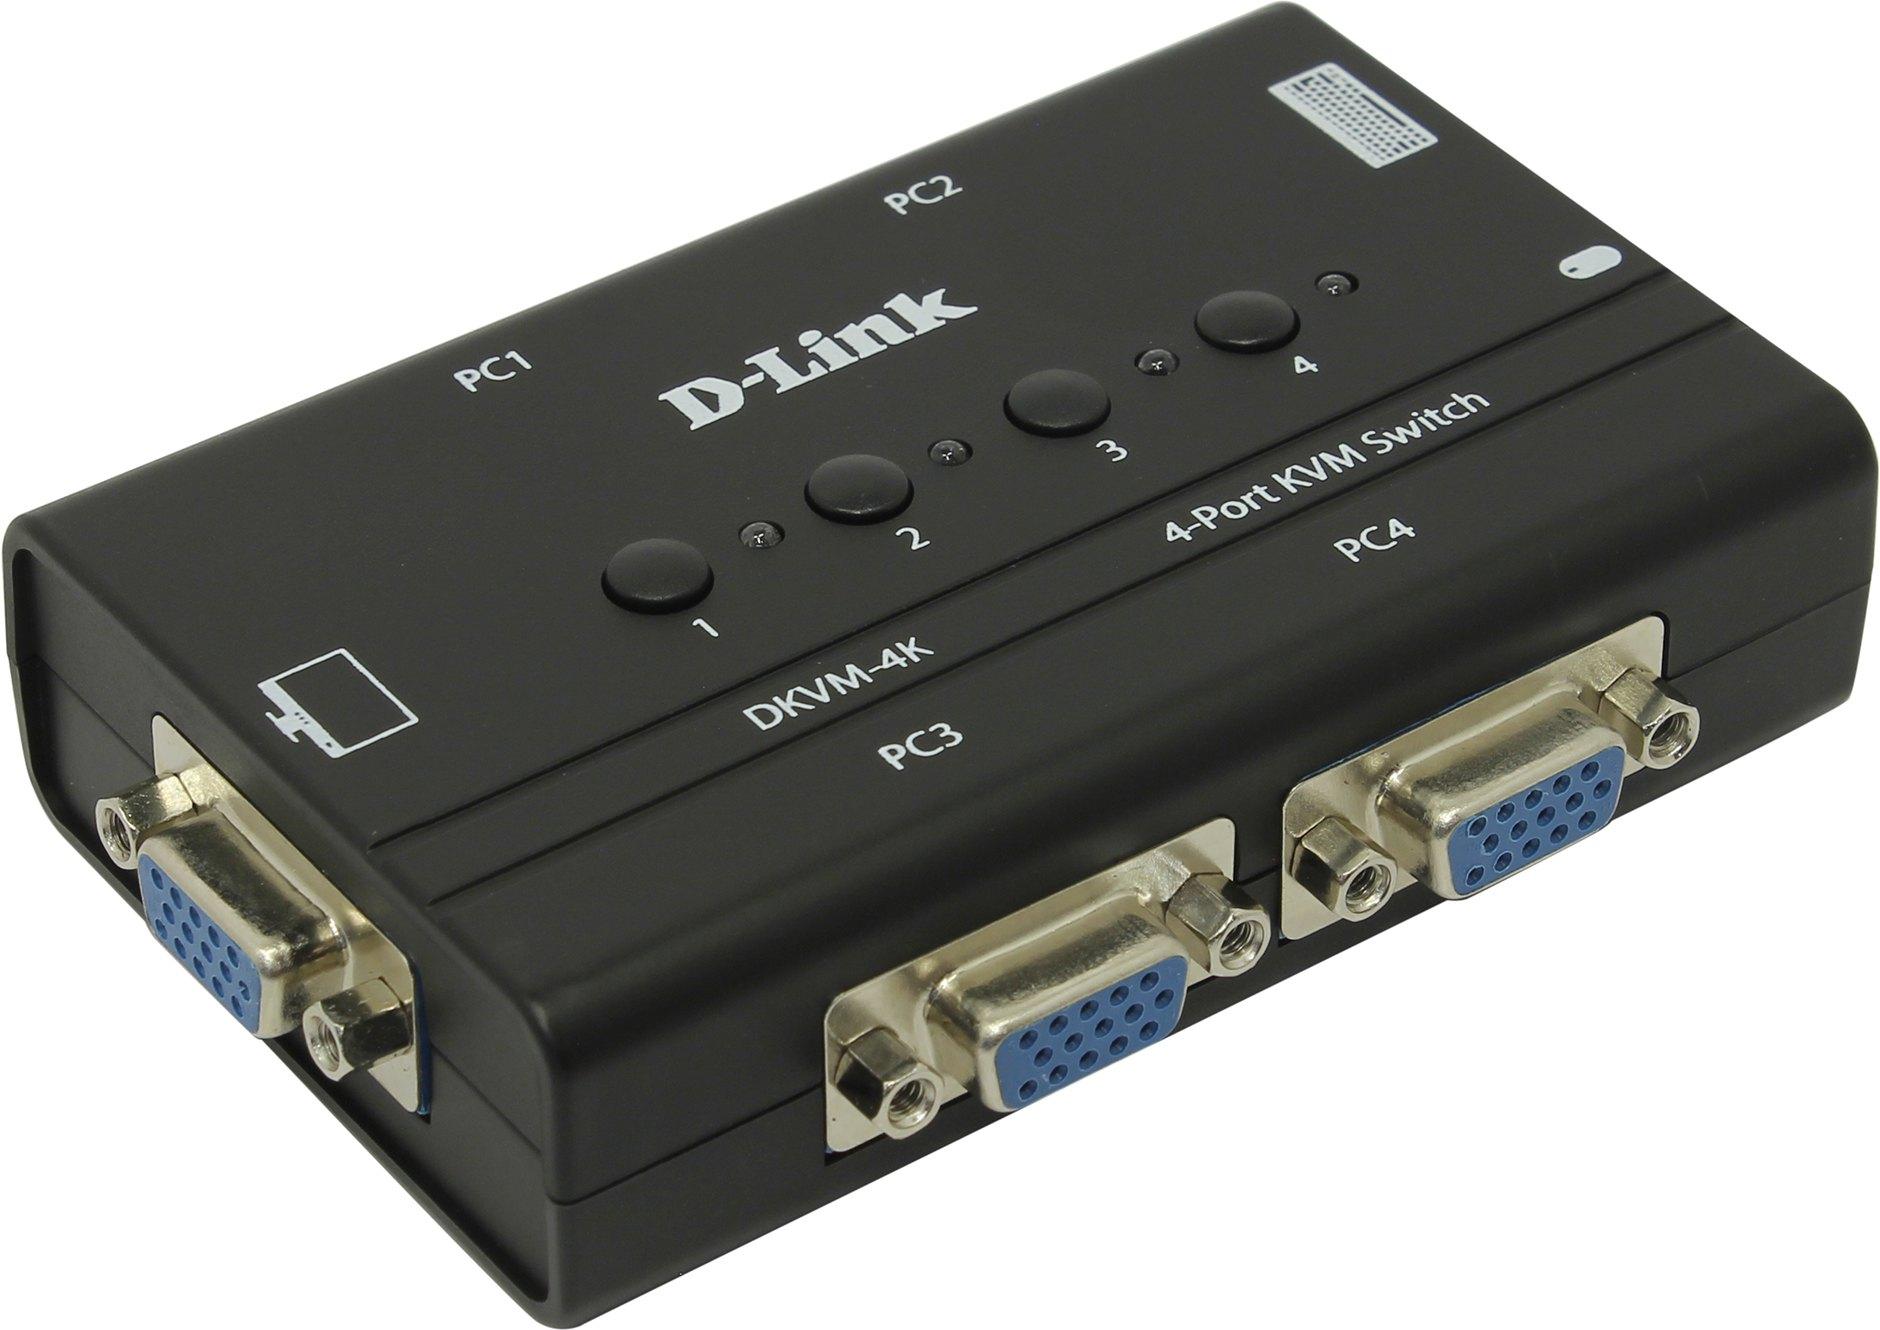 Переключатель KVM (КВМ) D-Link DKVM-4K/B, 4-ПК, клавиатура PS/2, мышь PS/2, видео VGA 2048x1536, 2-кабеля KVM VGA PS/2